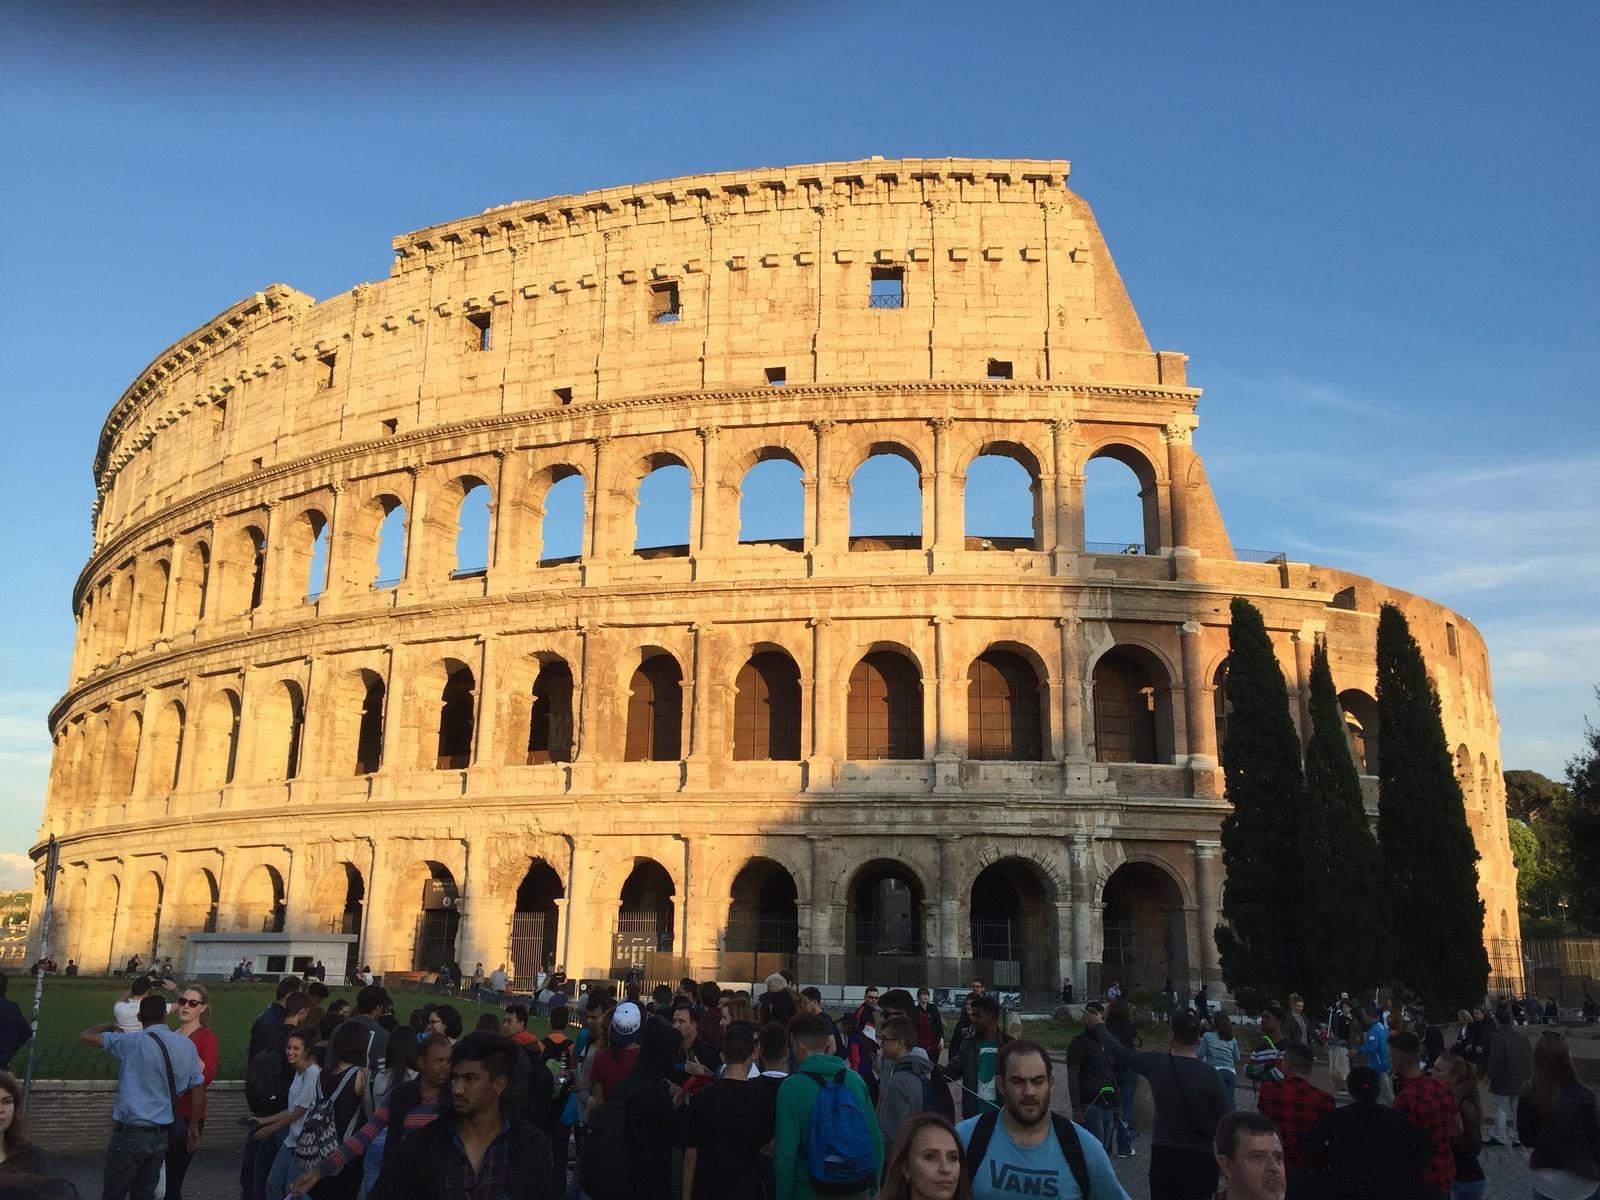 ITALIE 2016